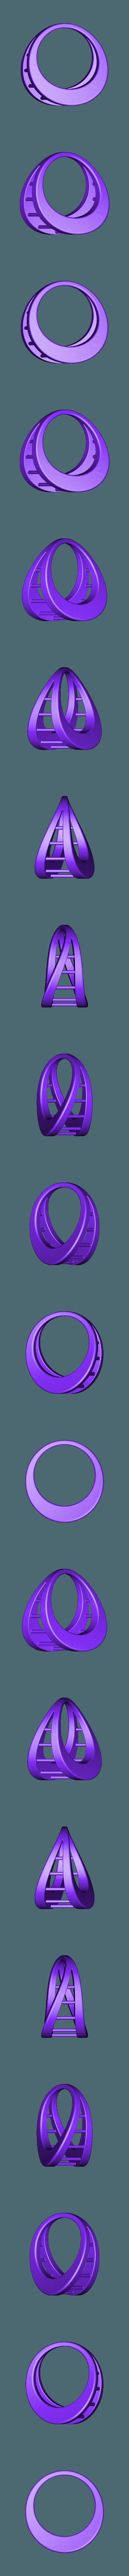 Bague_N28_-15.stl Download free STL file Bague N°28 • 3D print template, albertkarlen